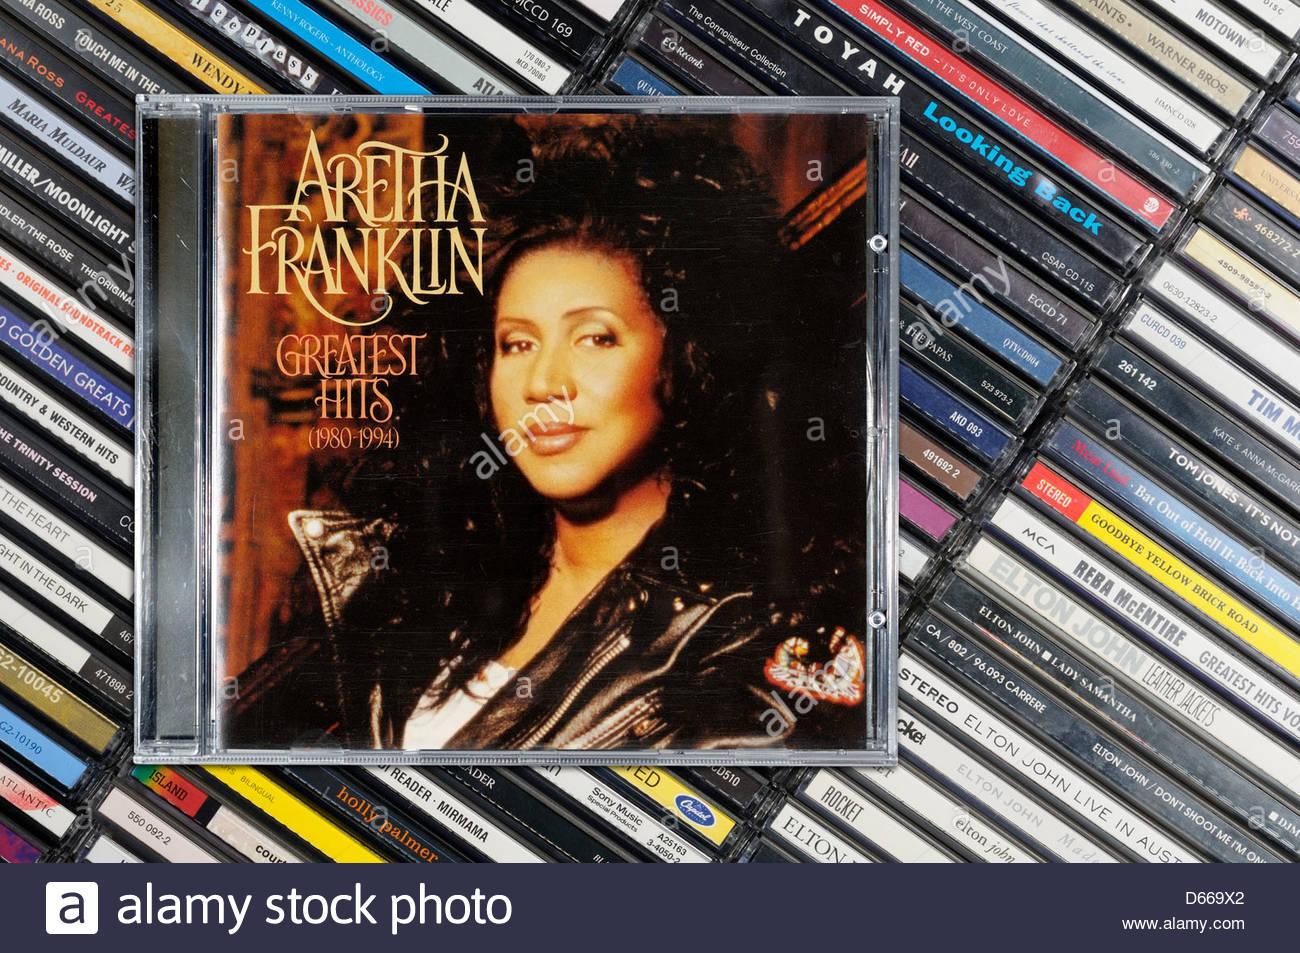 Aretha Franklin greatest hits album CD Musique, entassés, cas de l'Angleterre Banque D'Images